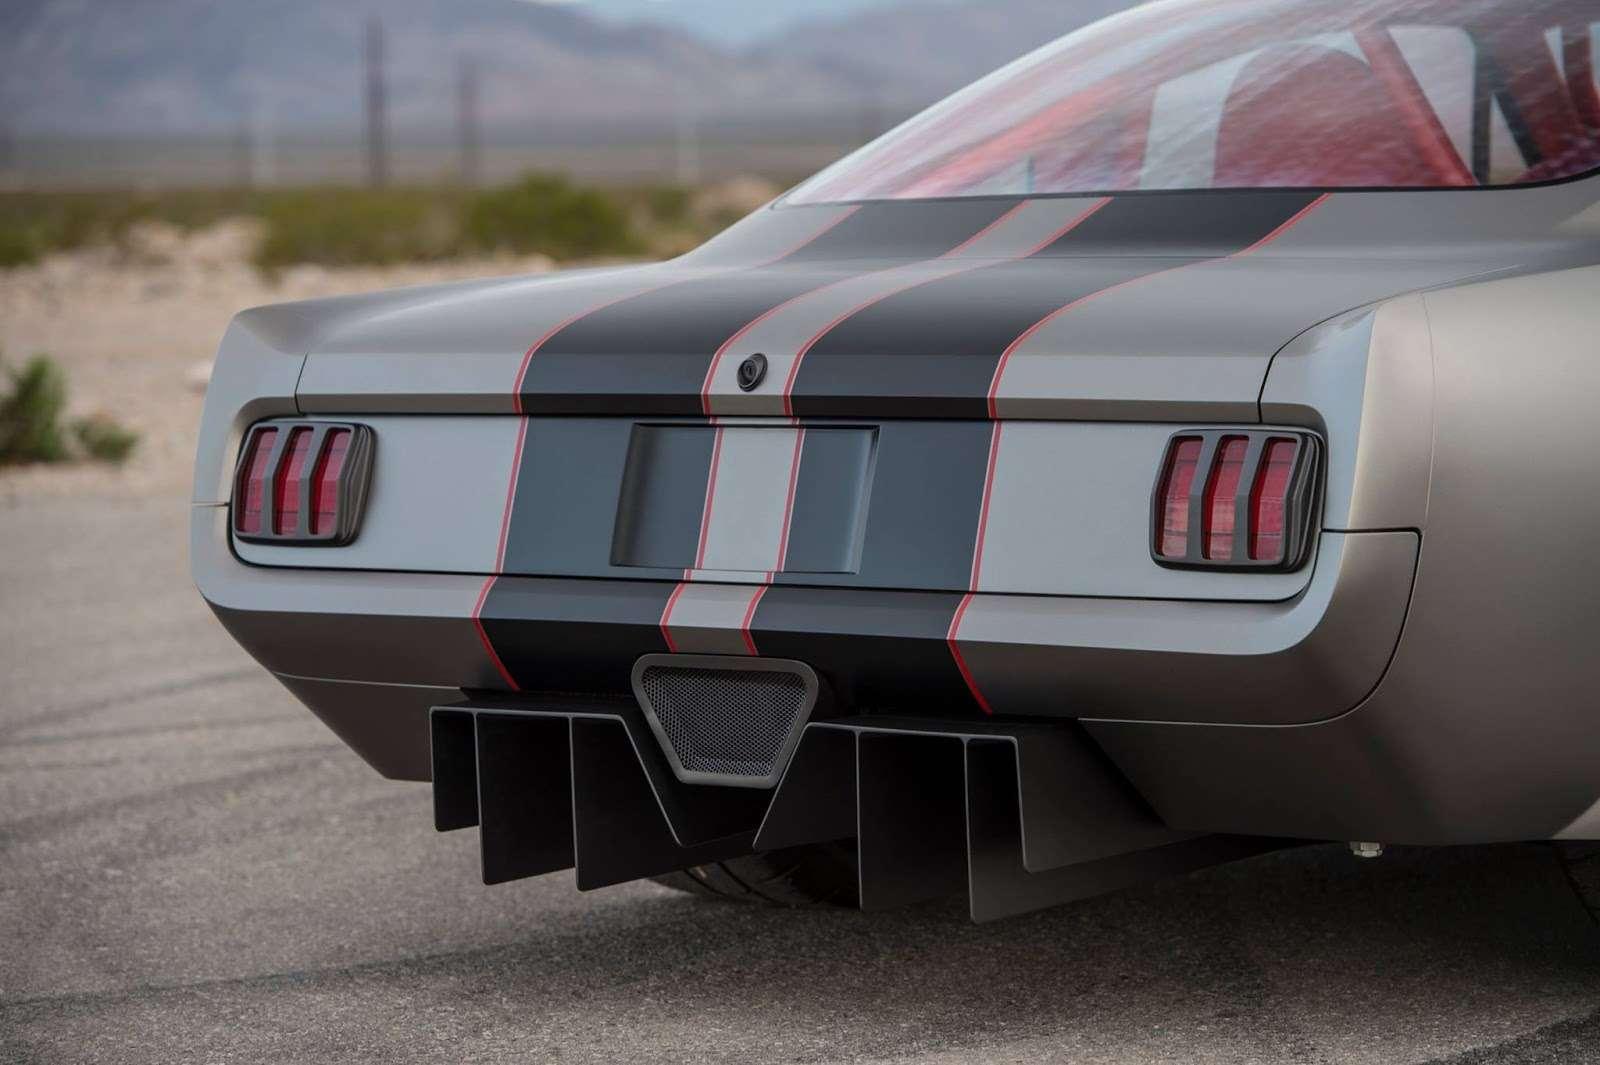 Конь Горыныч: 1000-сильный Ford Mustang стройным наддувом— фото 658599